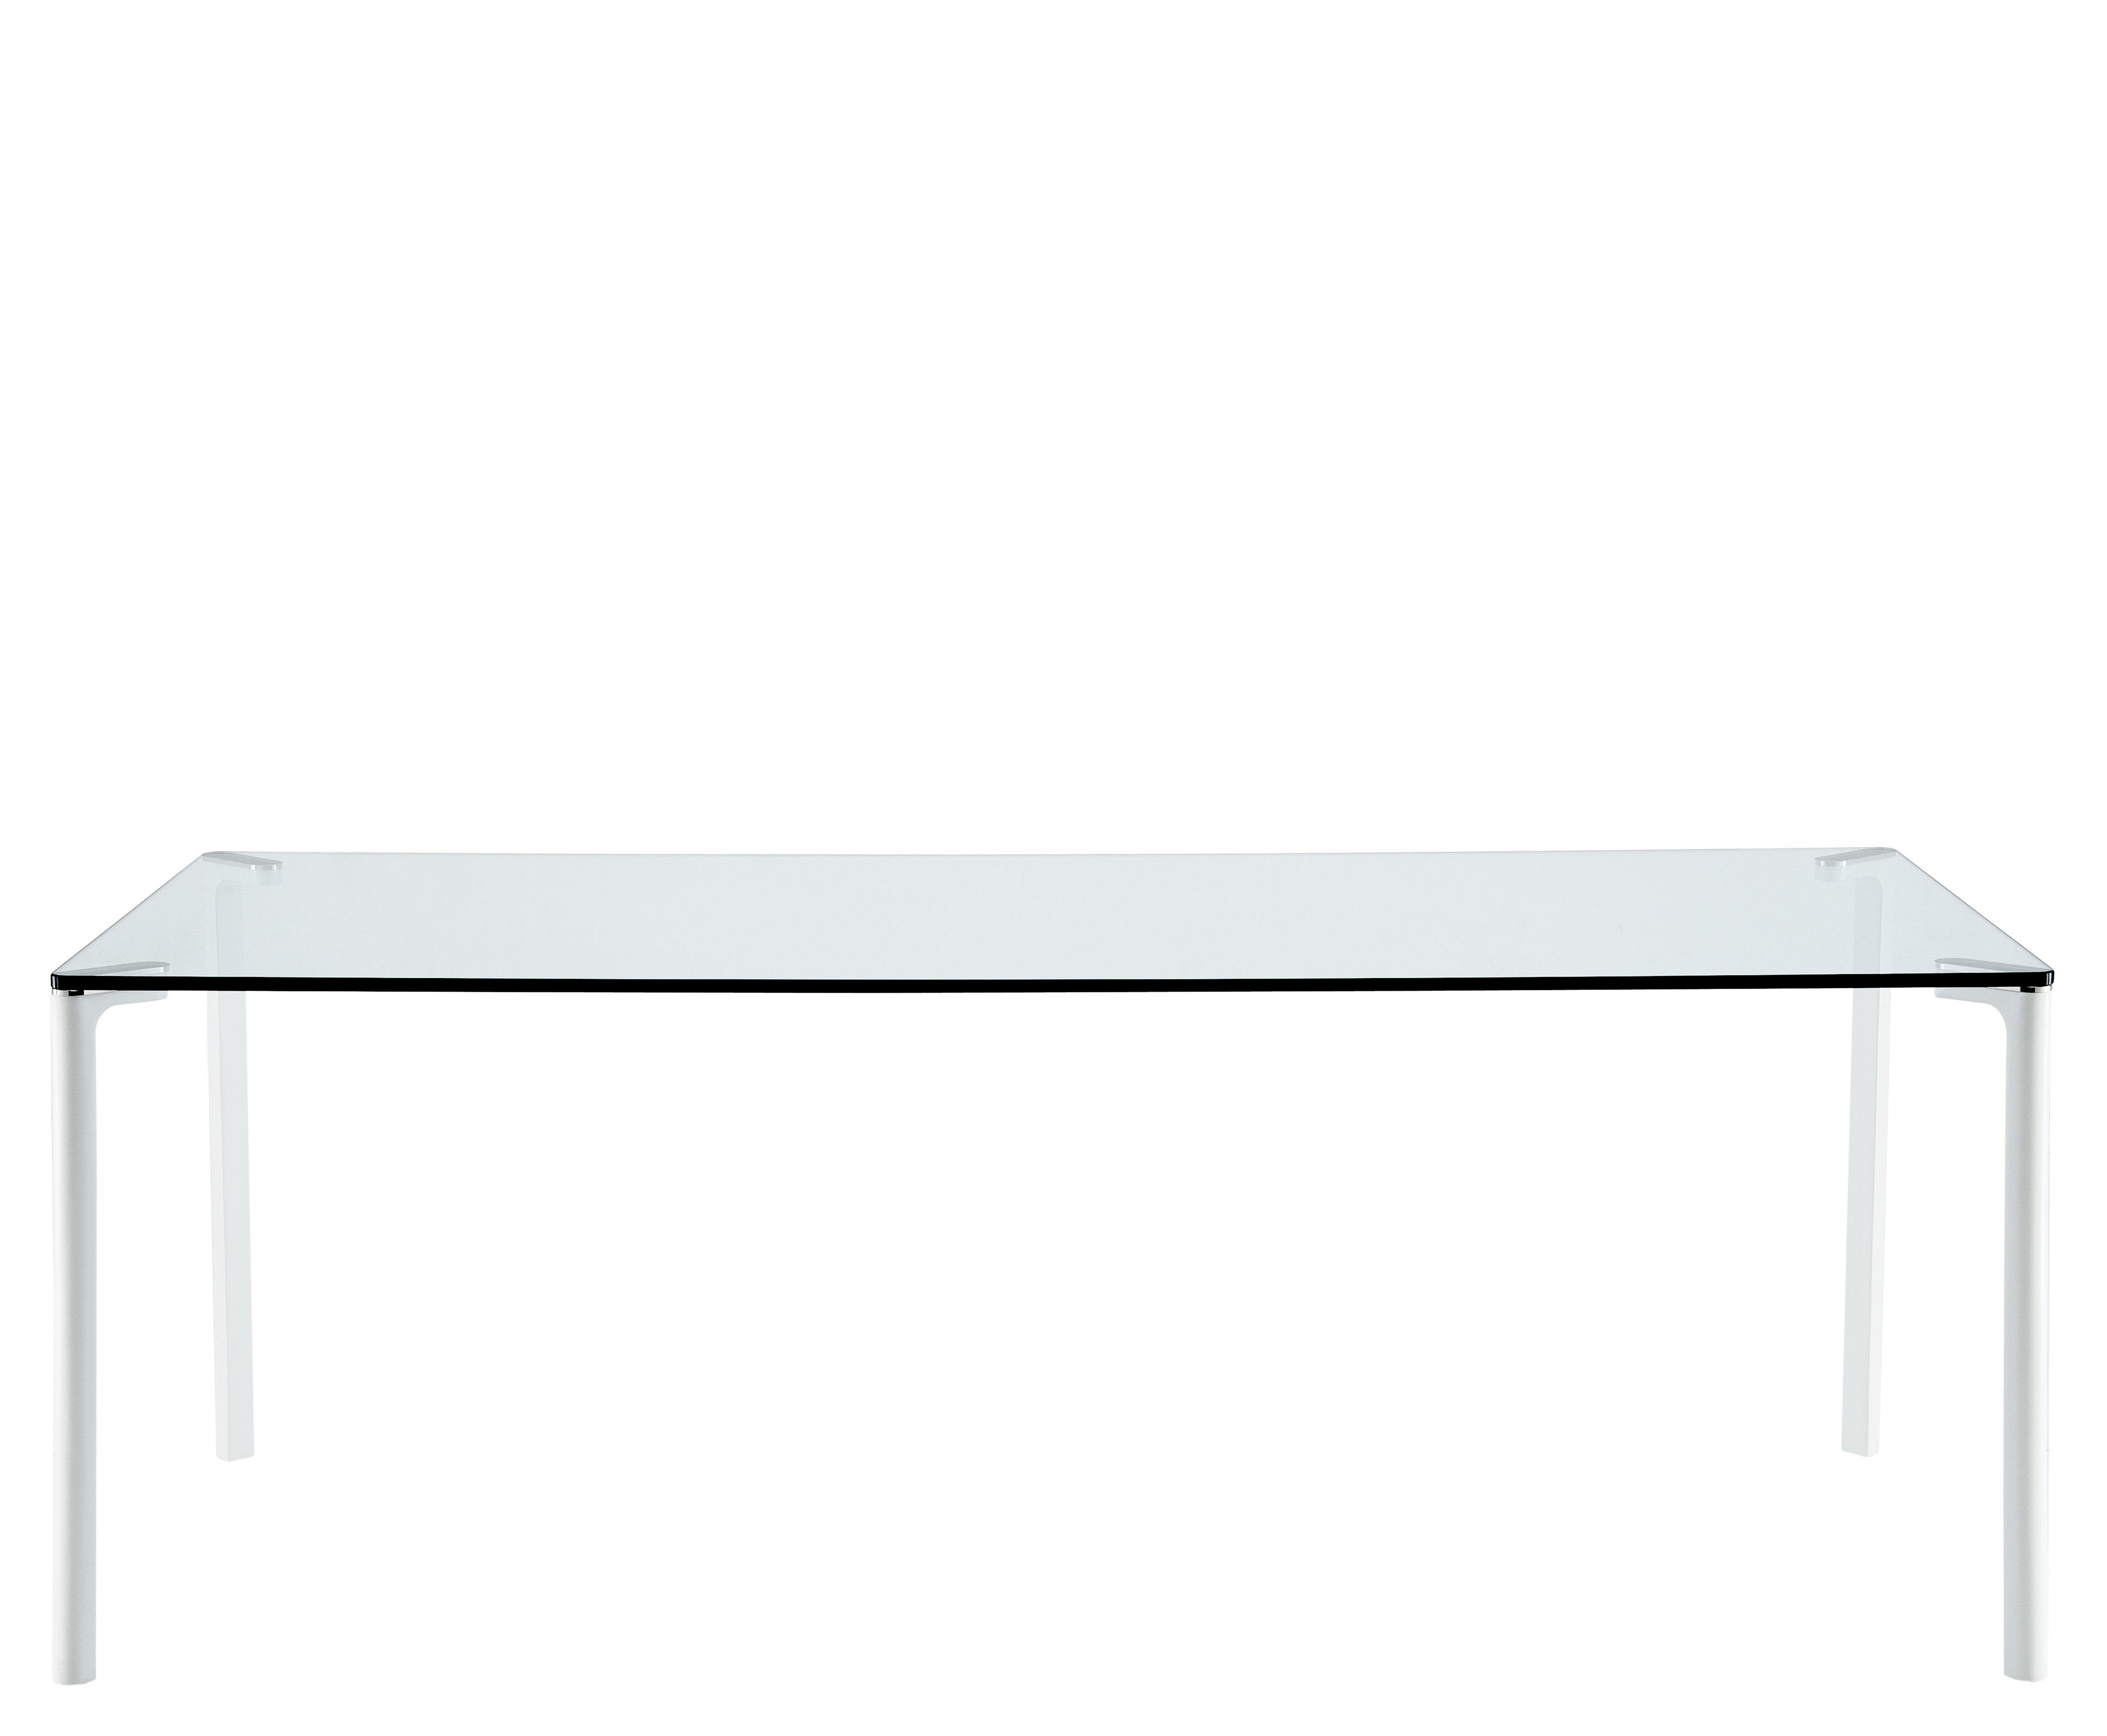 Spillo Tavolo 100 X 200 Cm Piano D 39 Appoggio In Vetro